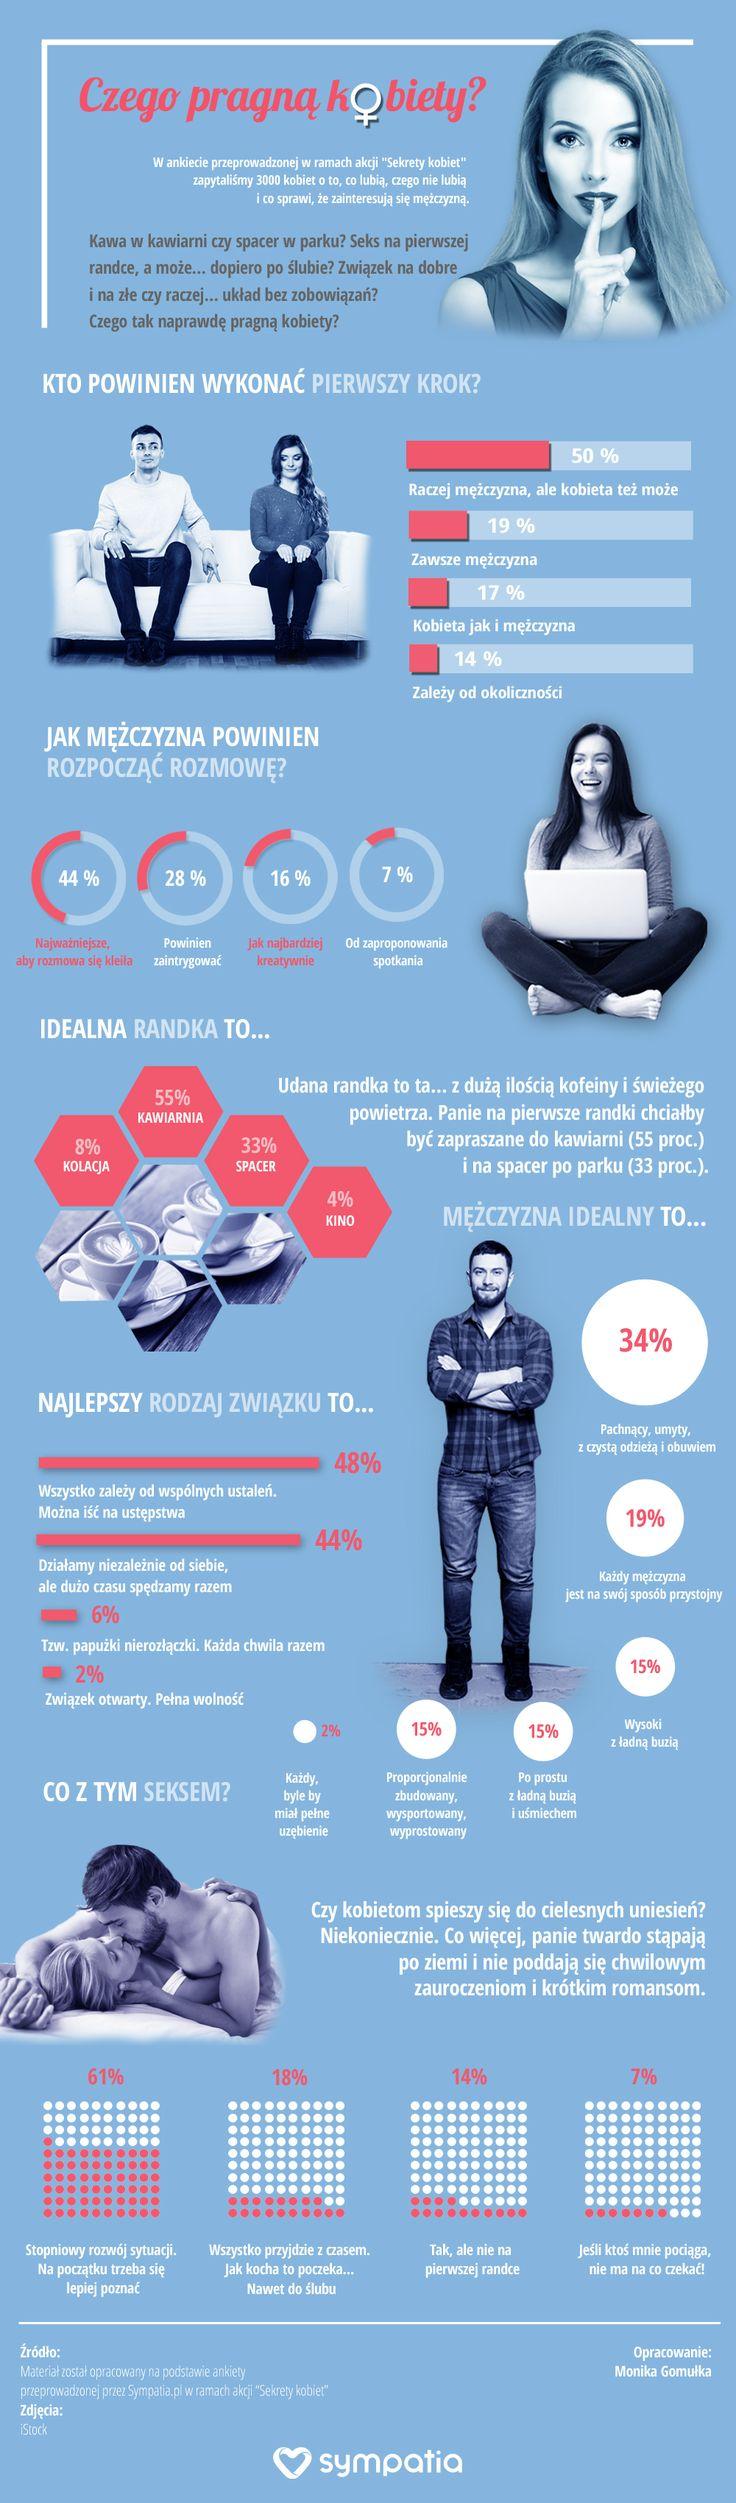 Czego pragną kobiety? Infografika